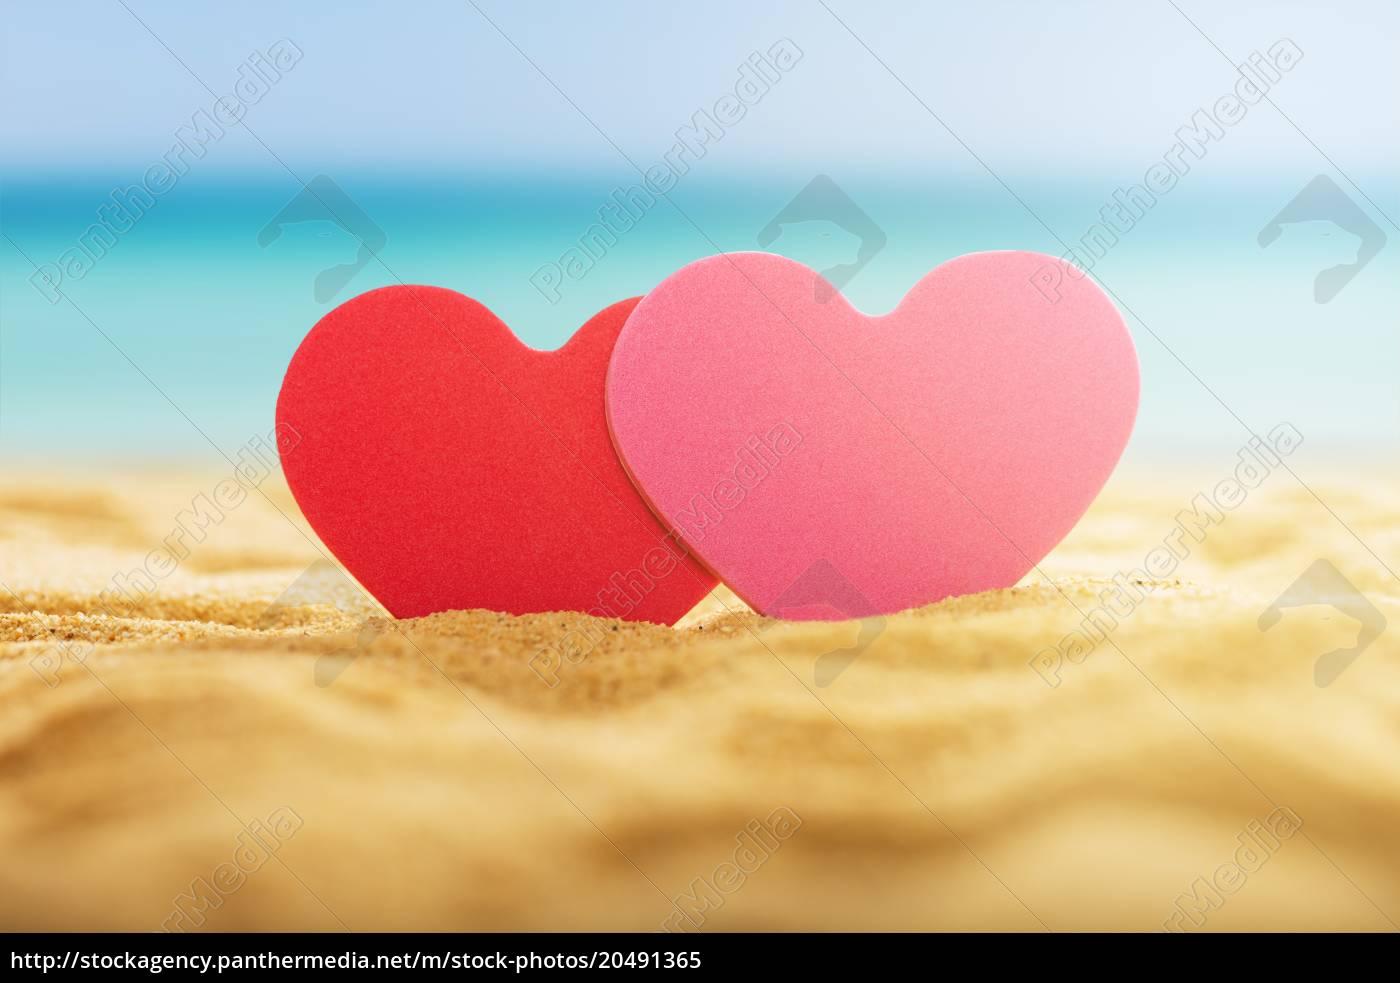 Heart On A Beach